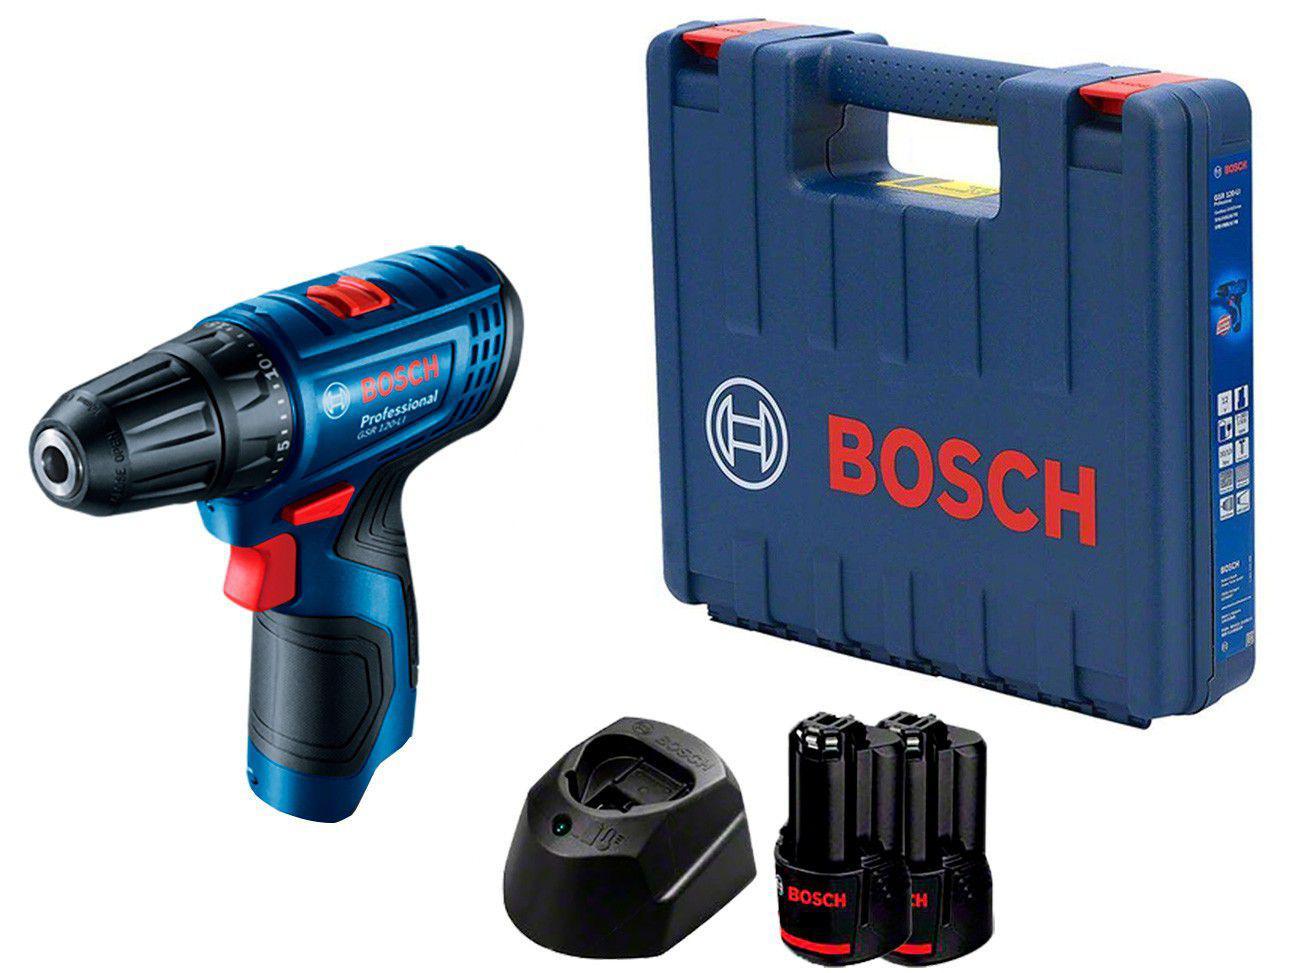 """Parafusadeira Bosch a Bateria 12V 3/8"""" - Velocidade Variável com Maleta 5 Peças"""